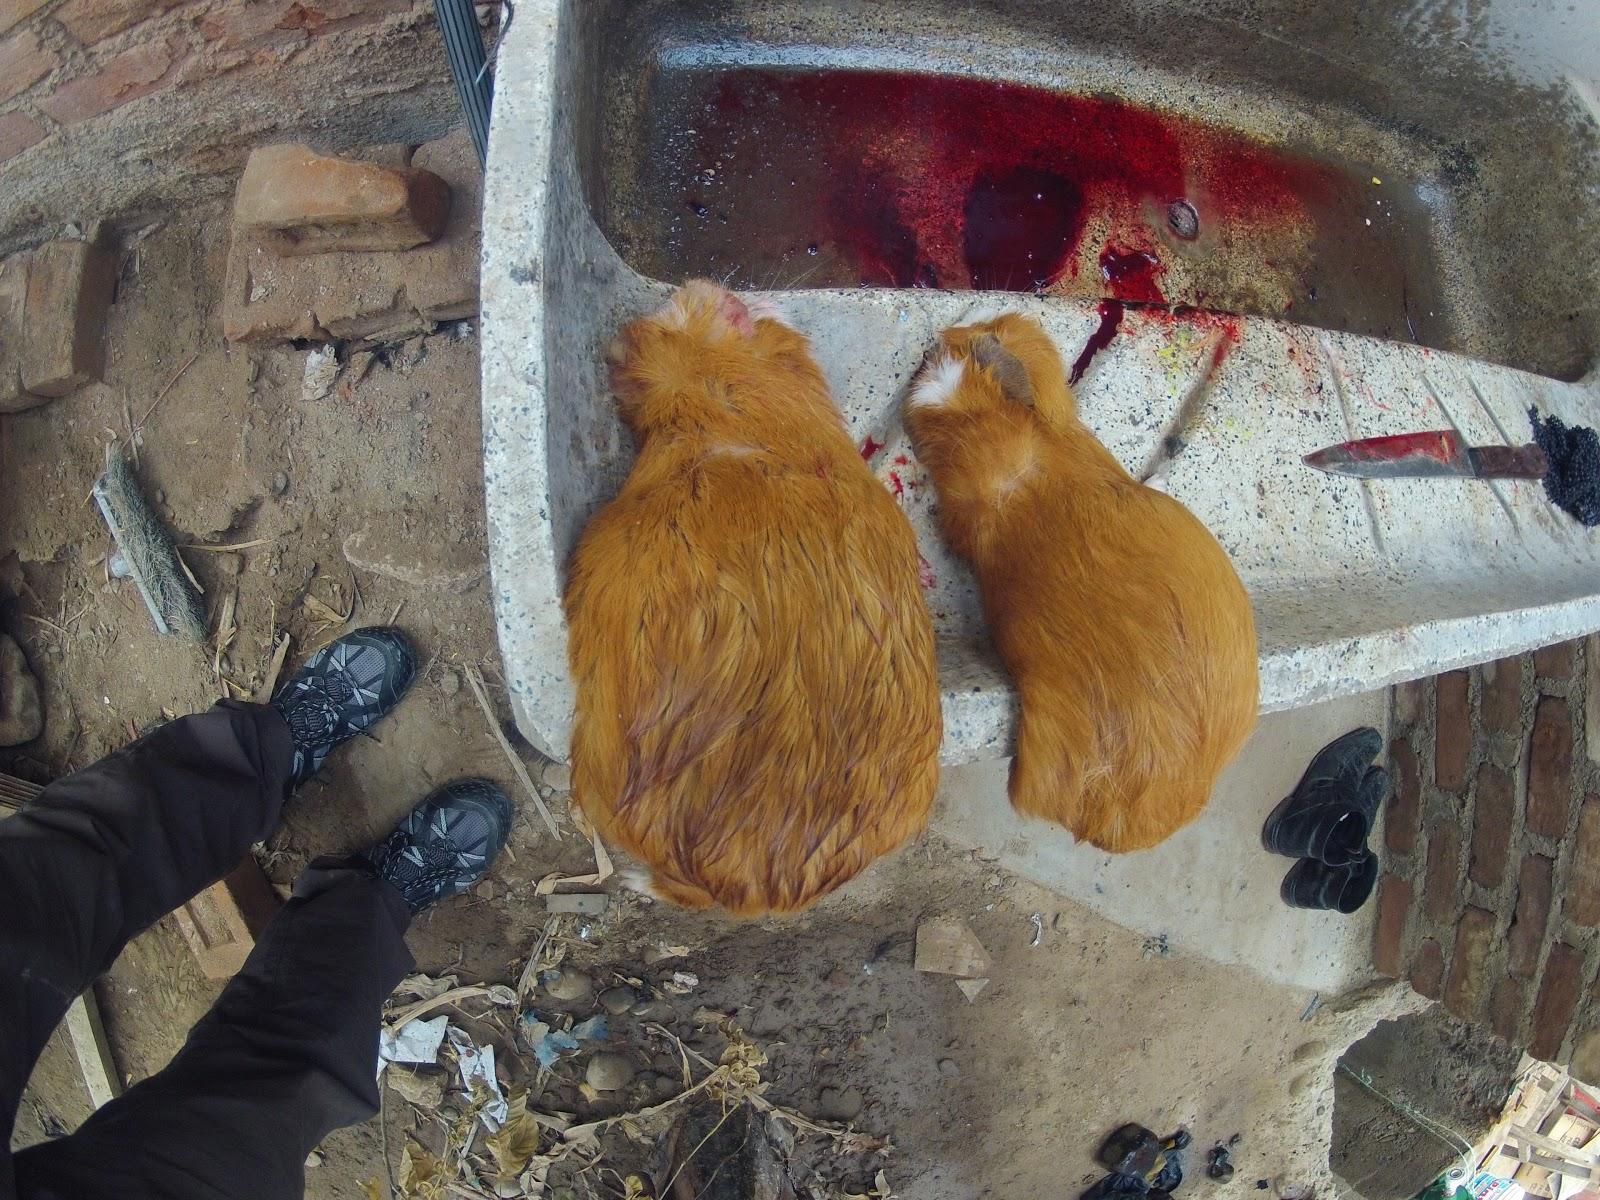 Bonjour terre le cochon d 39 inde el cuy - Image de cochon mignon ...